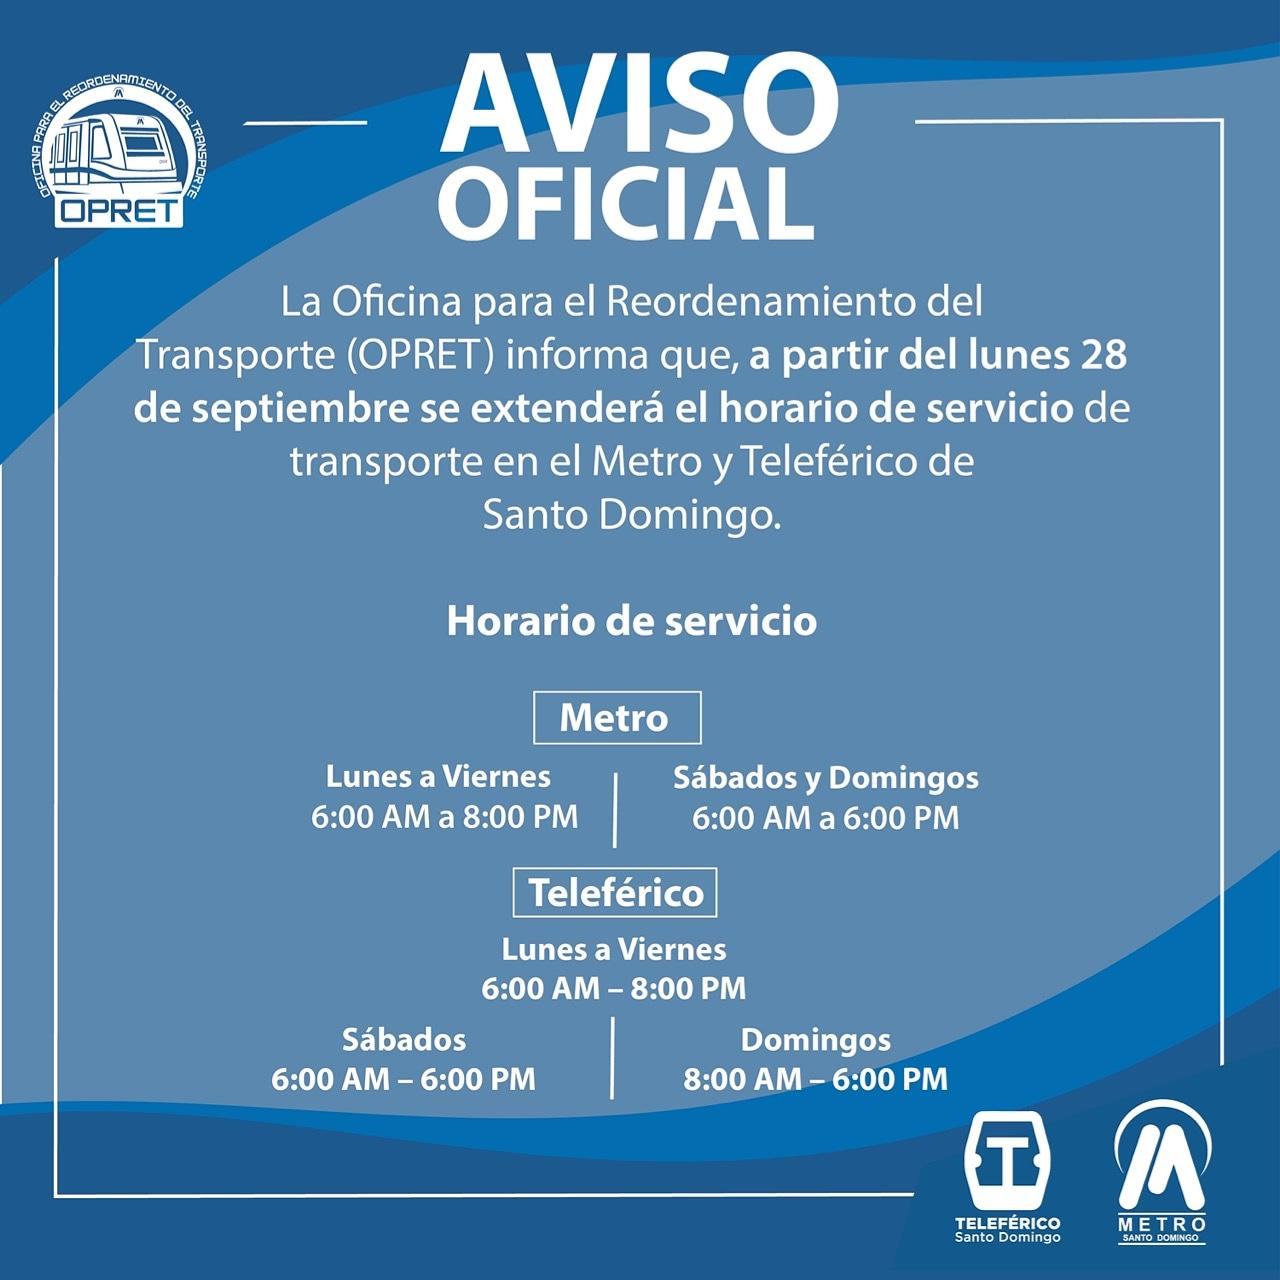 Nuevo horario del Metro y Teleférico, Septiembre 28, 2020